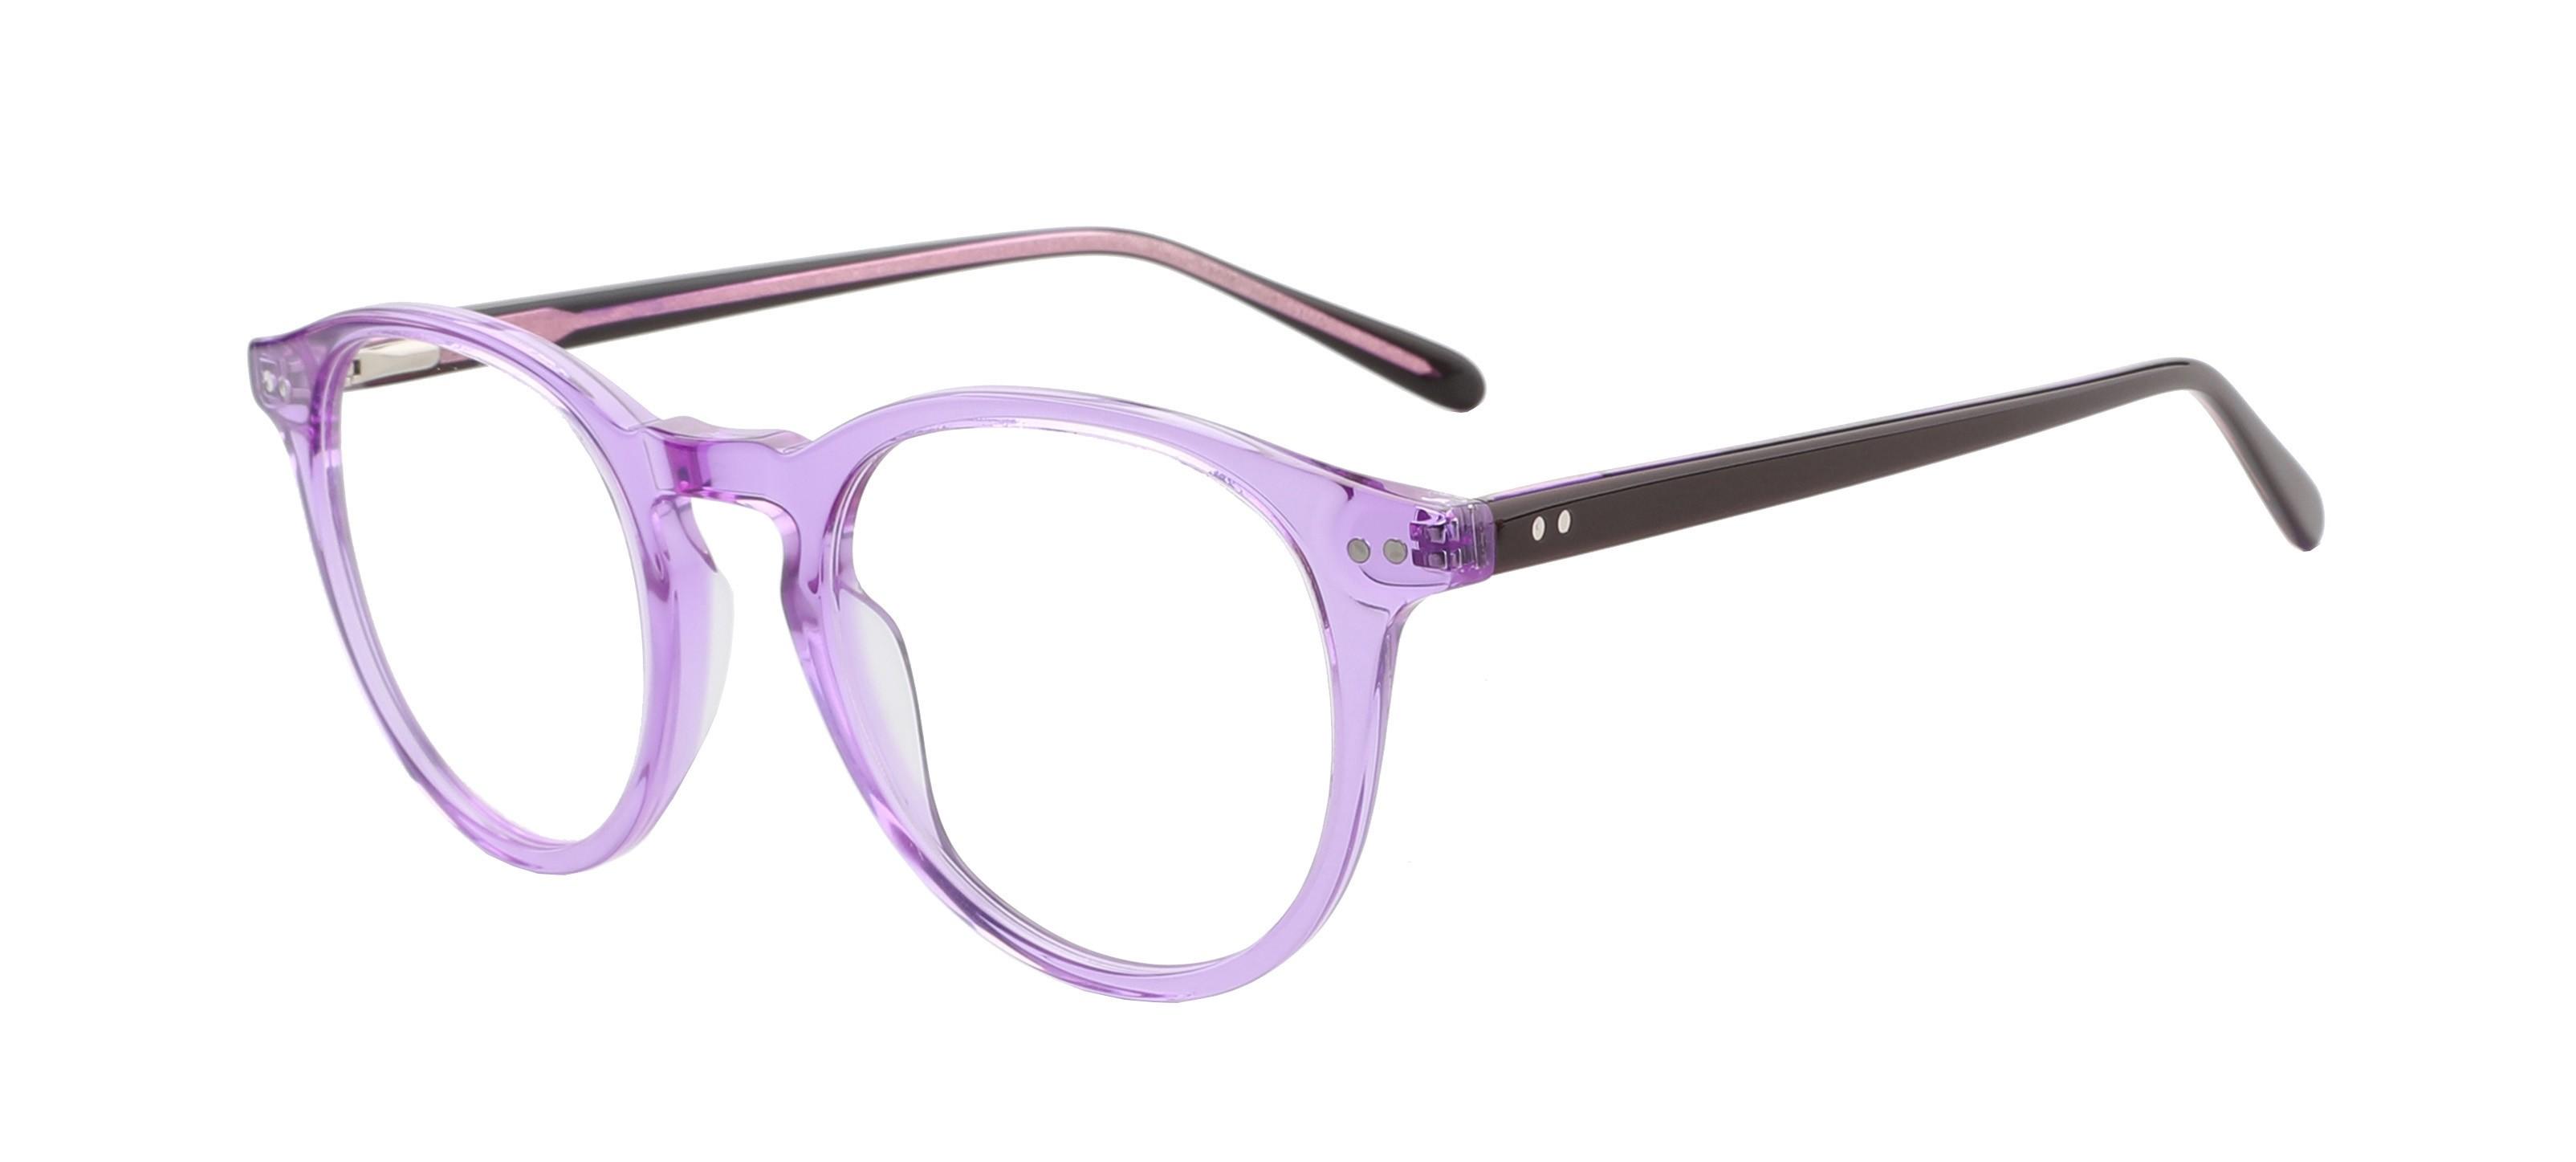 Claudia sinise valguse prillid